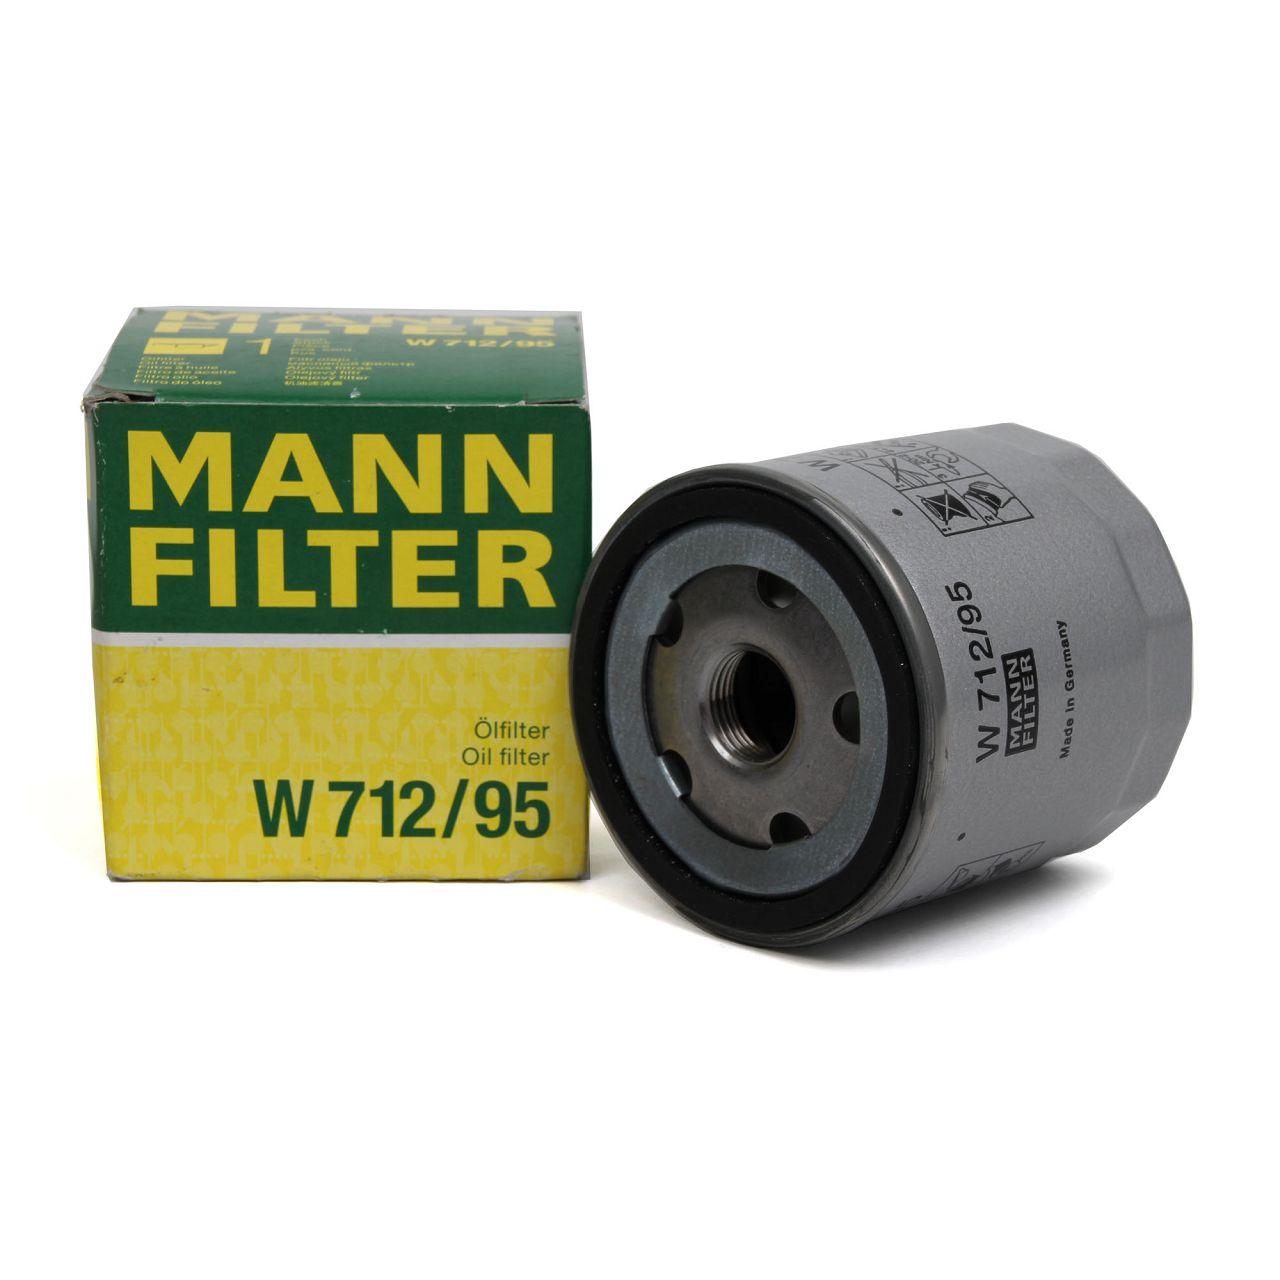 MANN W712/95 Ölfilter AUDI A1 A3 A4 VW GOLF 7 8 PASSAT POLO UP 1.0-1.5 TSI